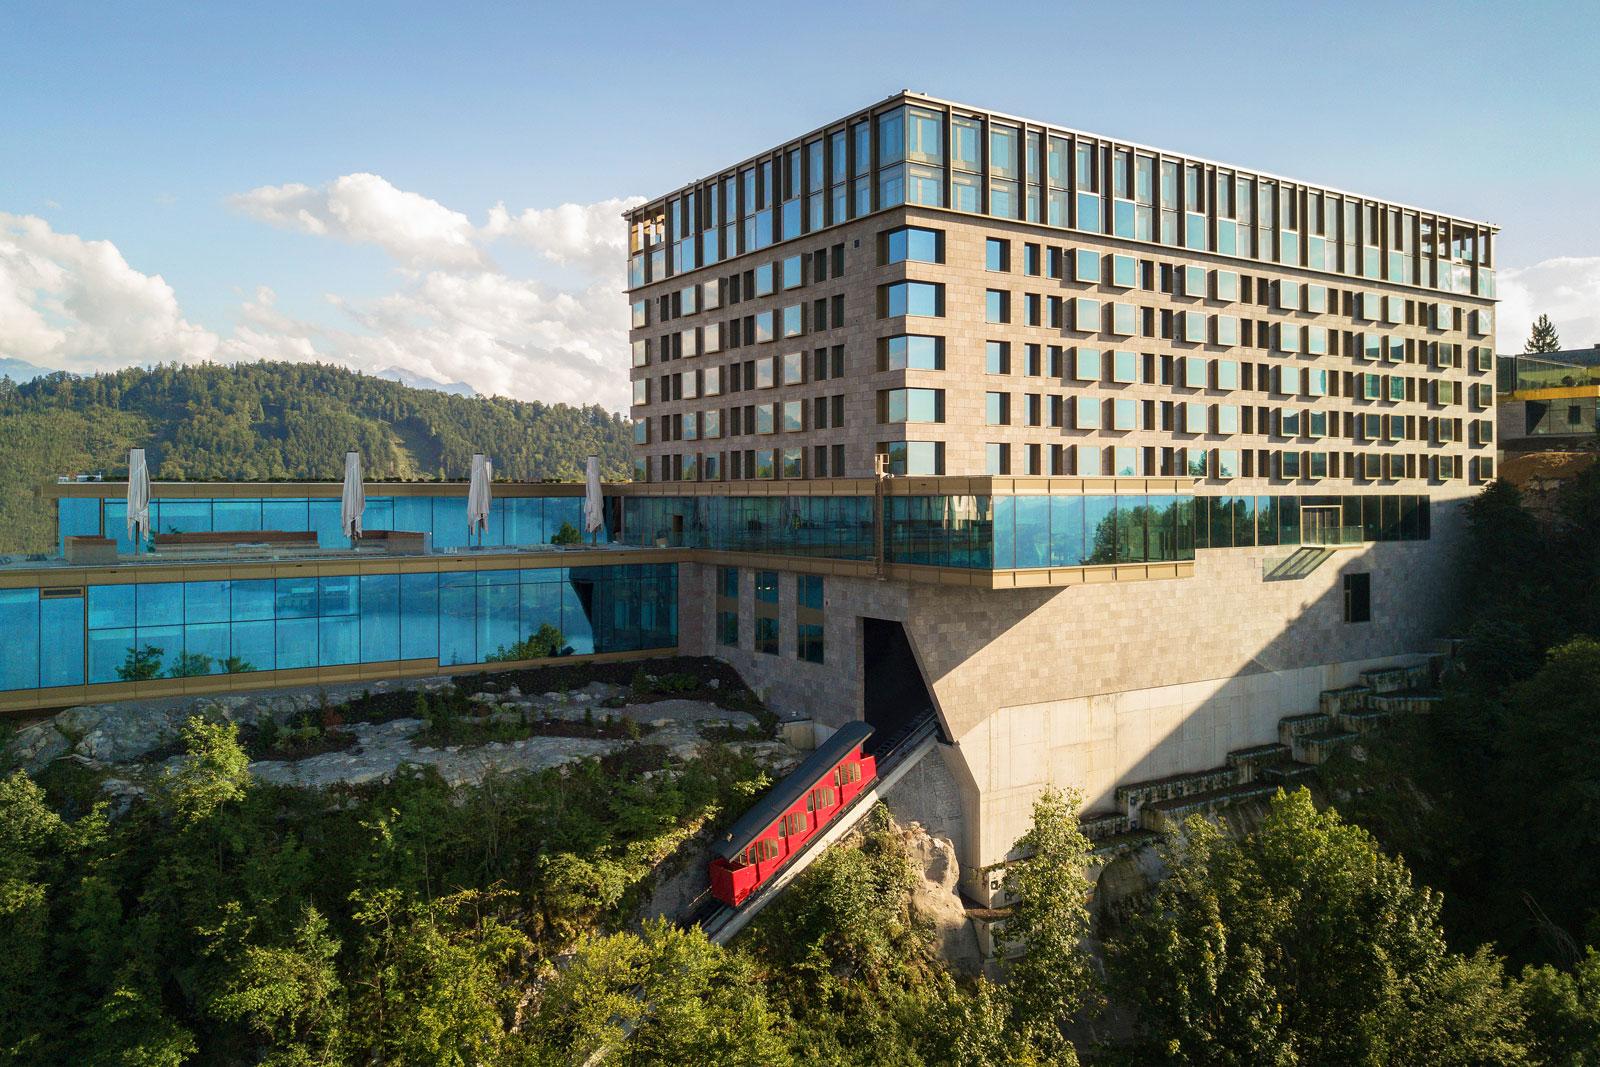 Bürgenstock Hotels & Resort - A Discreet Luxury Mountain Hideaway 8